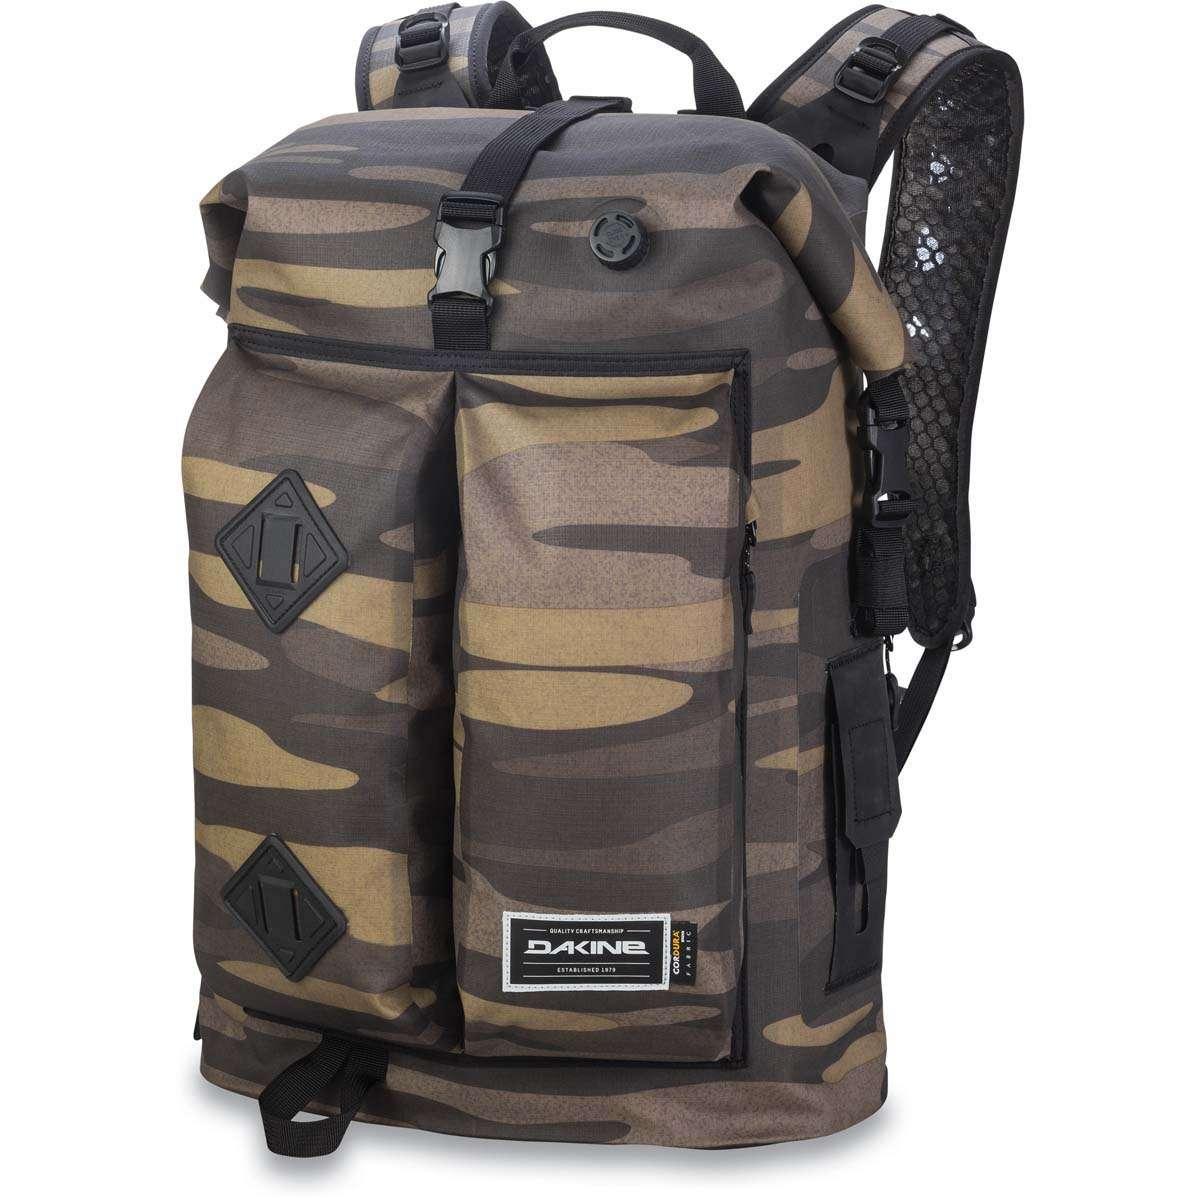 4deb23e65f3bf Dakine Cyclone II Dry Pack 36L Backpack Cyclone Camo